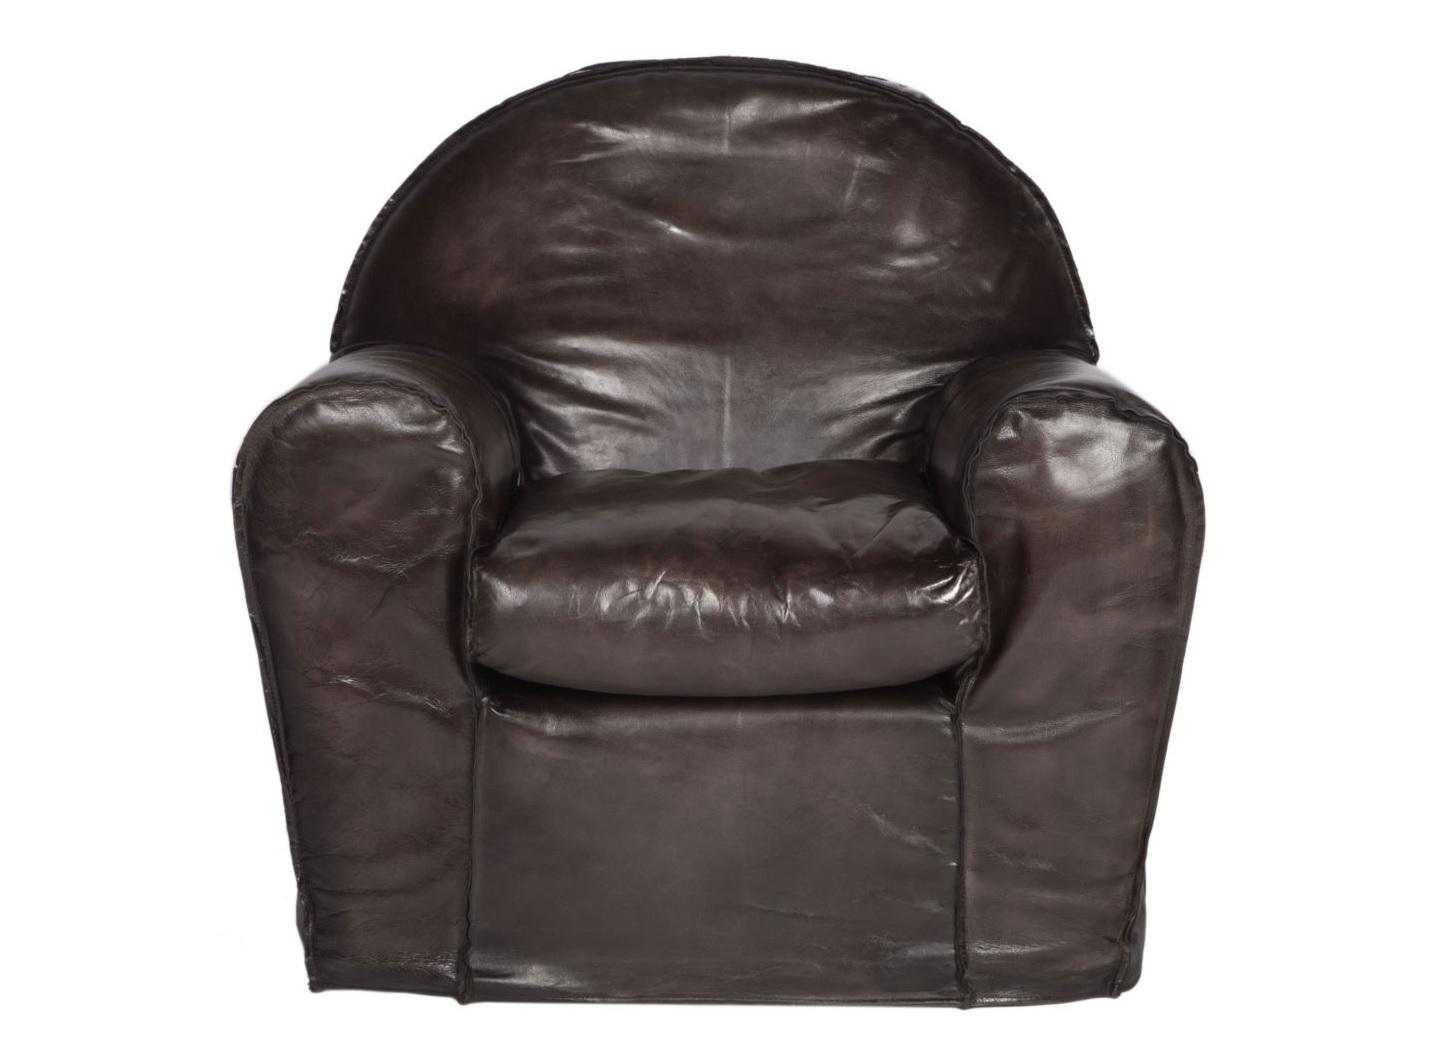 Кресло MichaelКожаные кресла<br><br><br>Material: Кожа<br>Ширина см: 93<br>Высота см: 93<br>Глубина см: 88